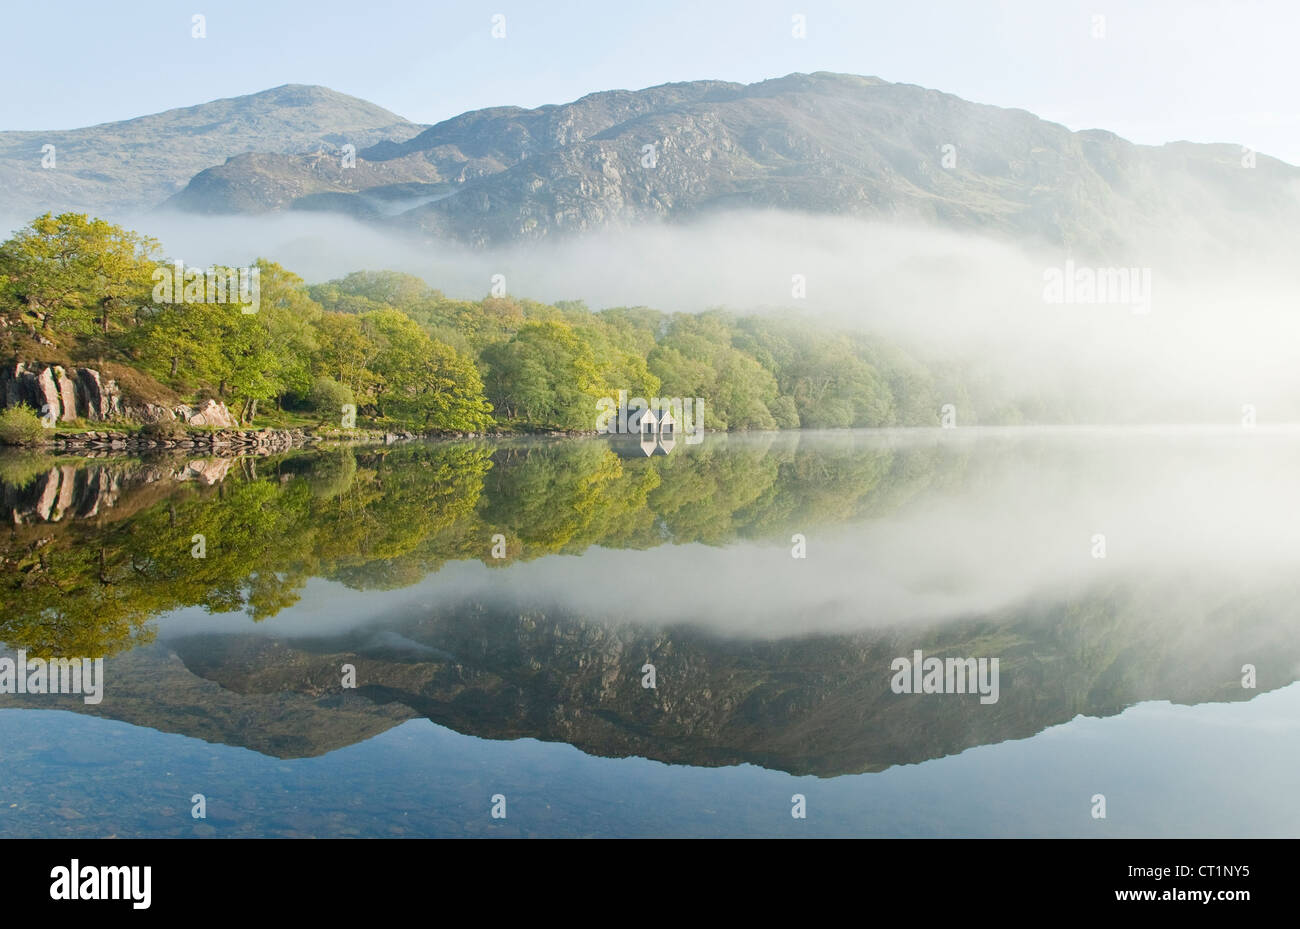 Las montañas por encima de una orilla arbolada misty dawn en Llyn Dinas lago en el Parque Nacional de Snowdonia Imagen De Stock